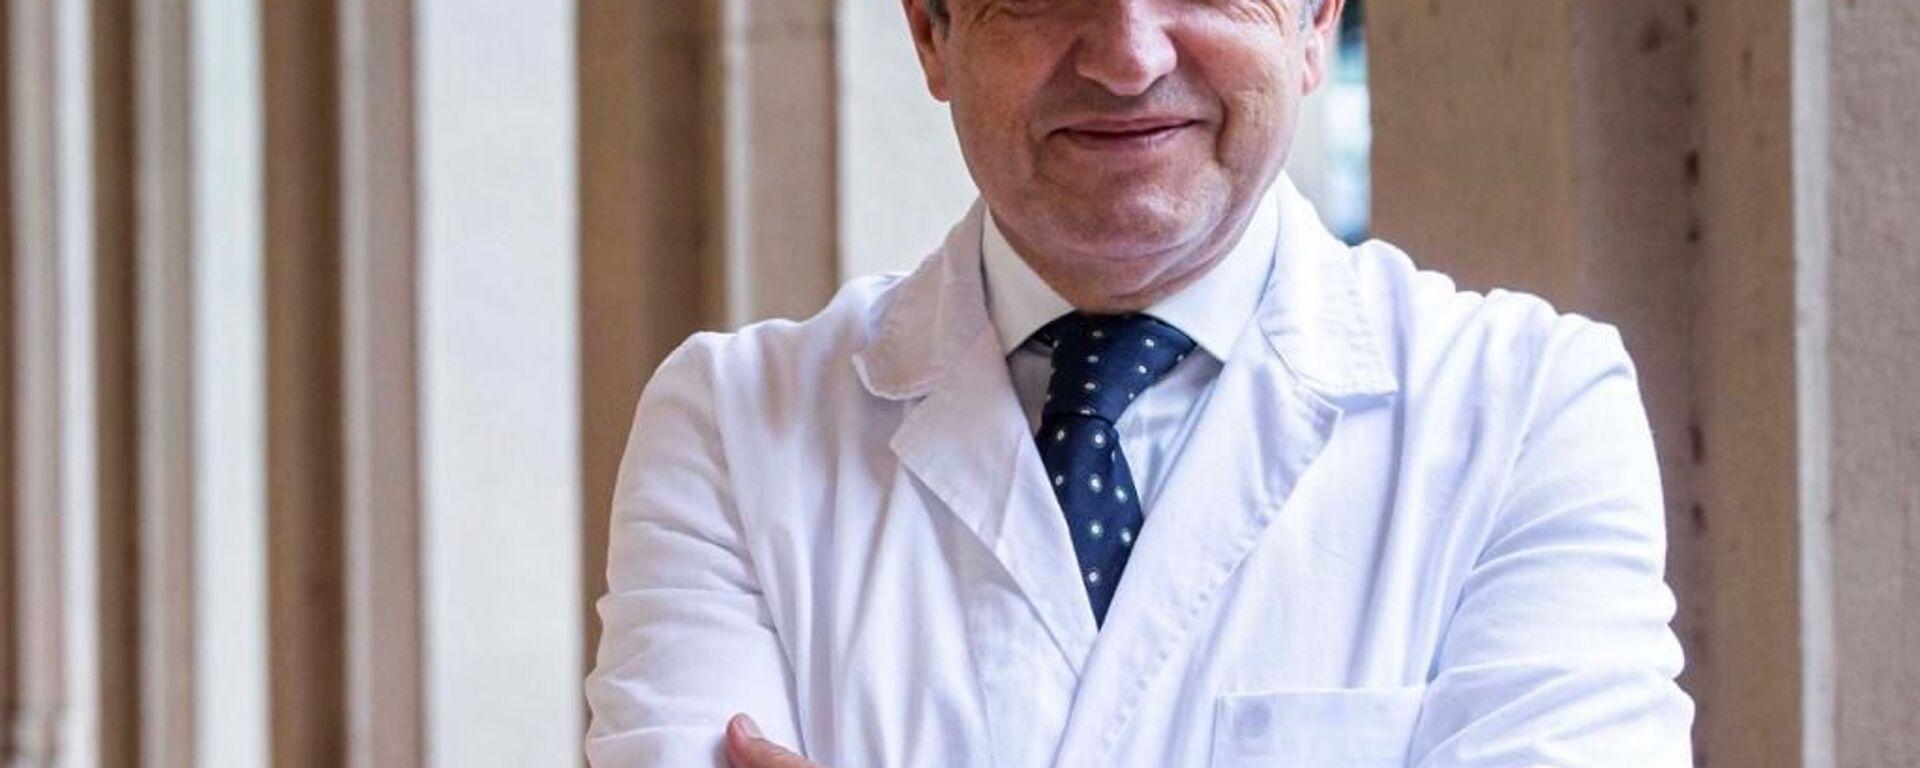 Francesco Vaia, direttore sanitario dell'Istituto Spallanzani di Roma - Sputnik Italia, 1920, 14.06.2021